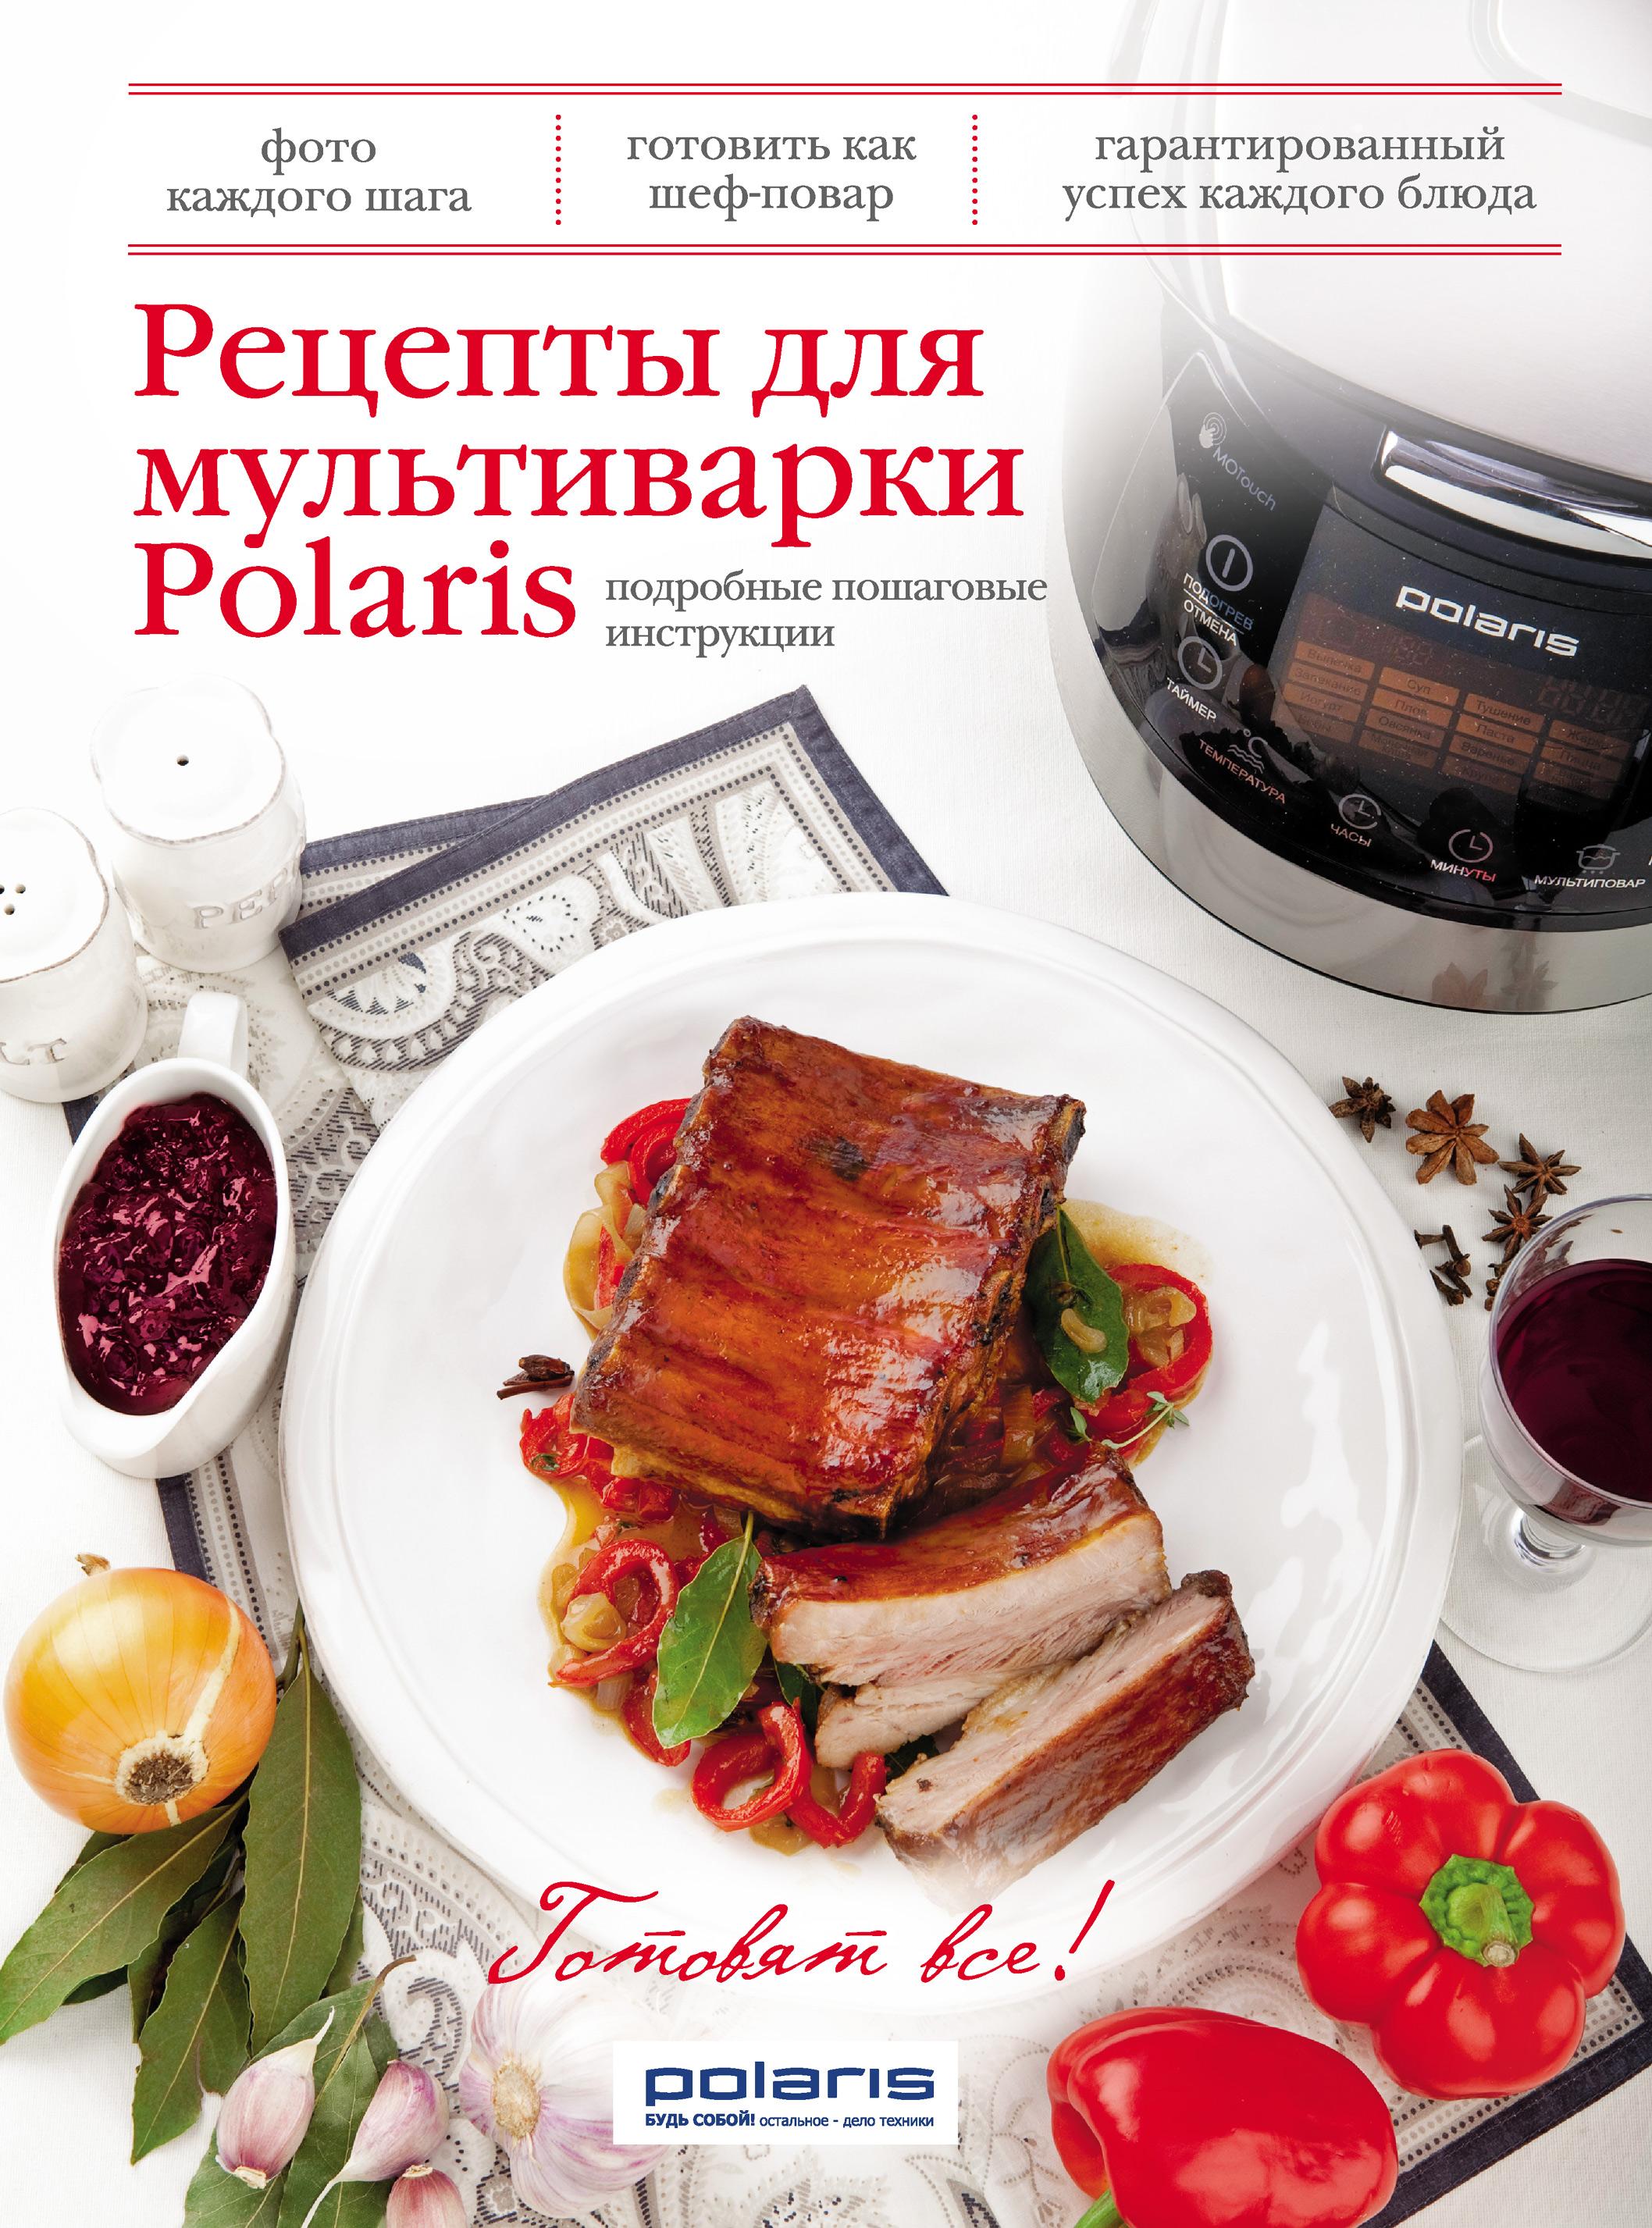 Отсутствует Рецепты для мультиварки Polaris книги эксмо рецепты для мультиварки к диете дюкан